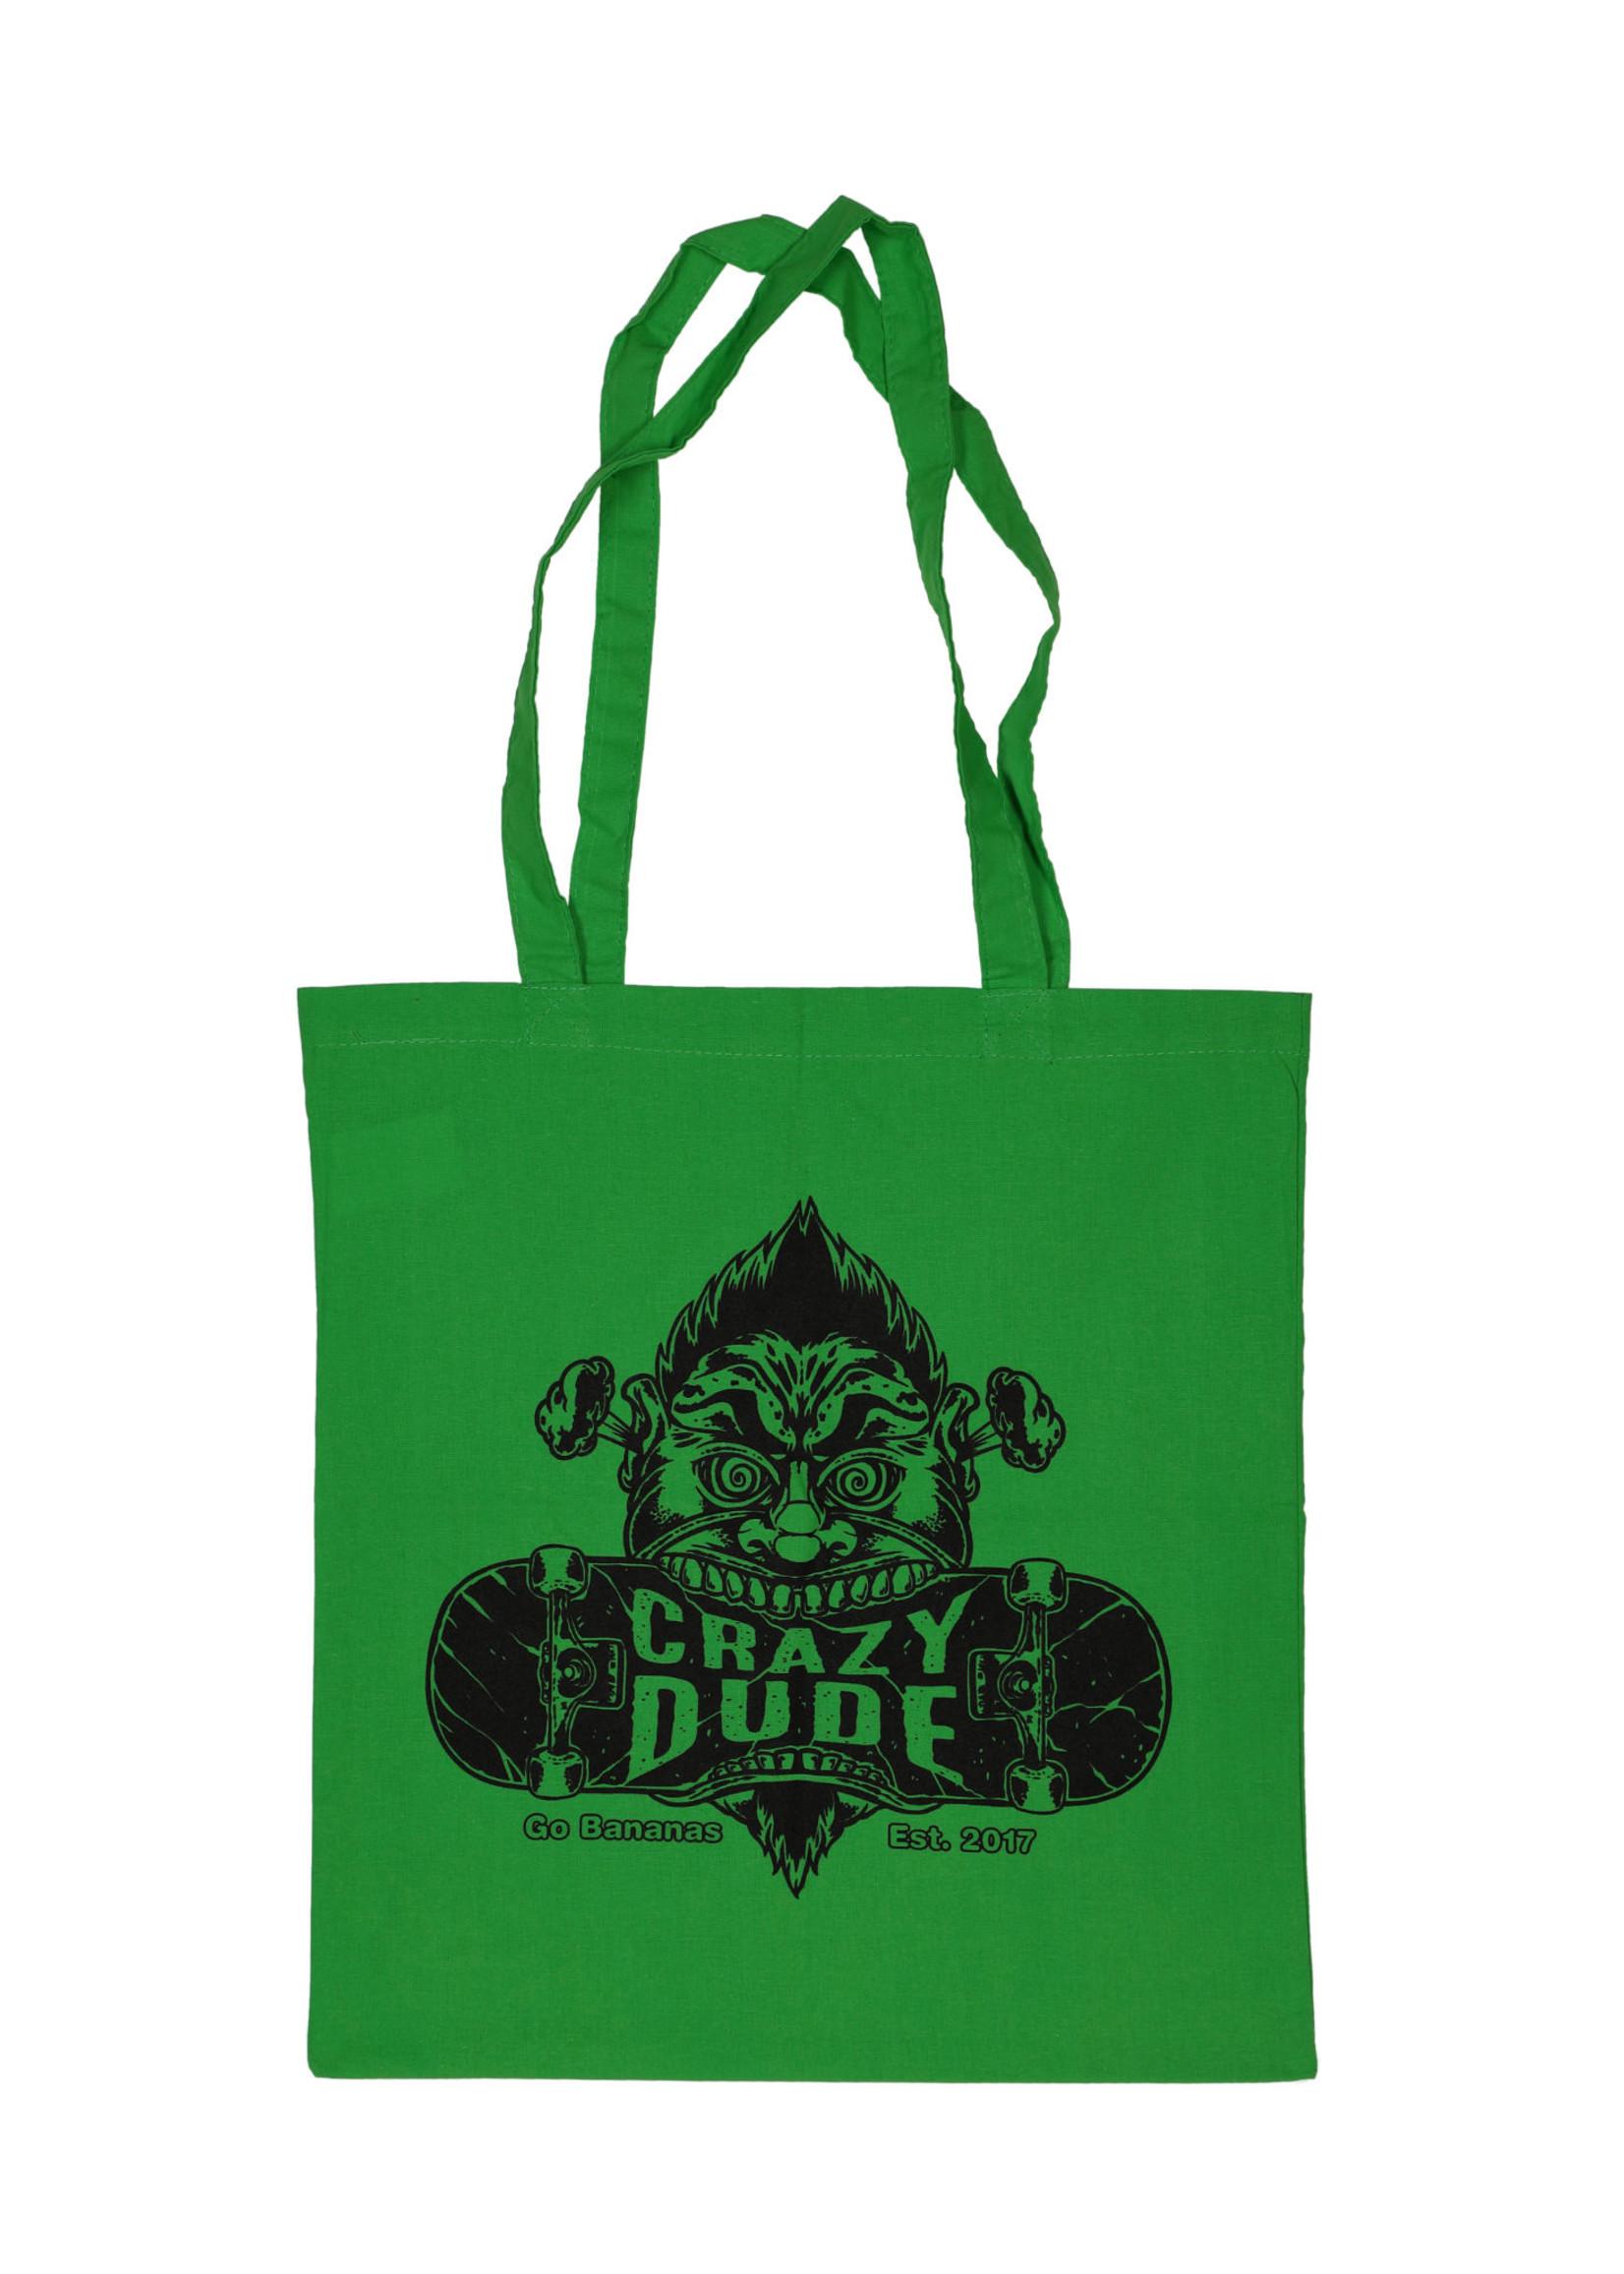 Crazy Dude Crazy Dude Einkaufstasche Destroyer Apfelgrün